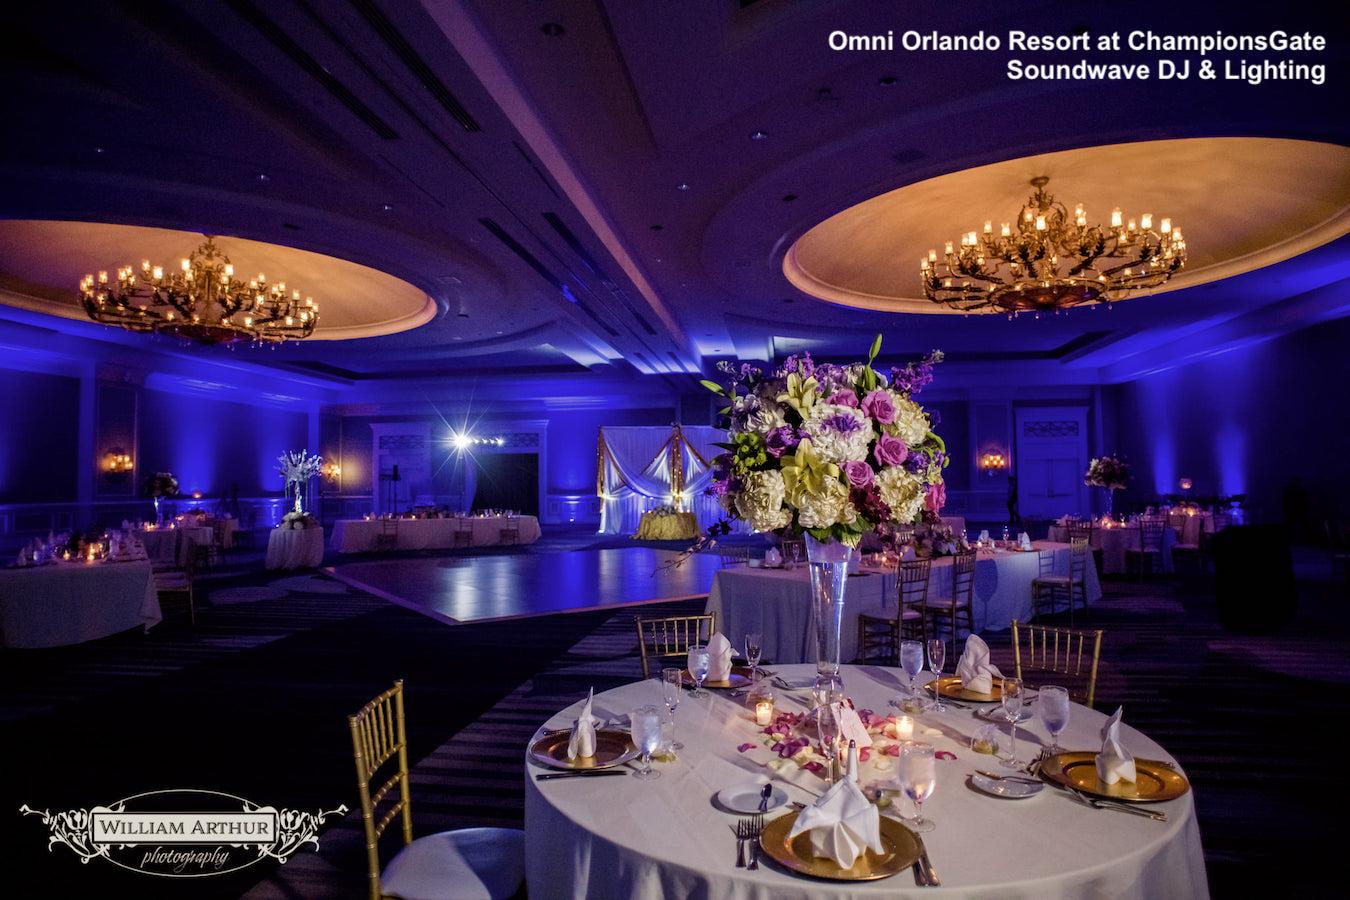 omin orlando resort at championsgate - orlando weddind venue